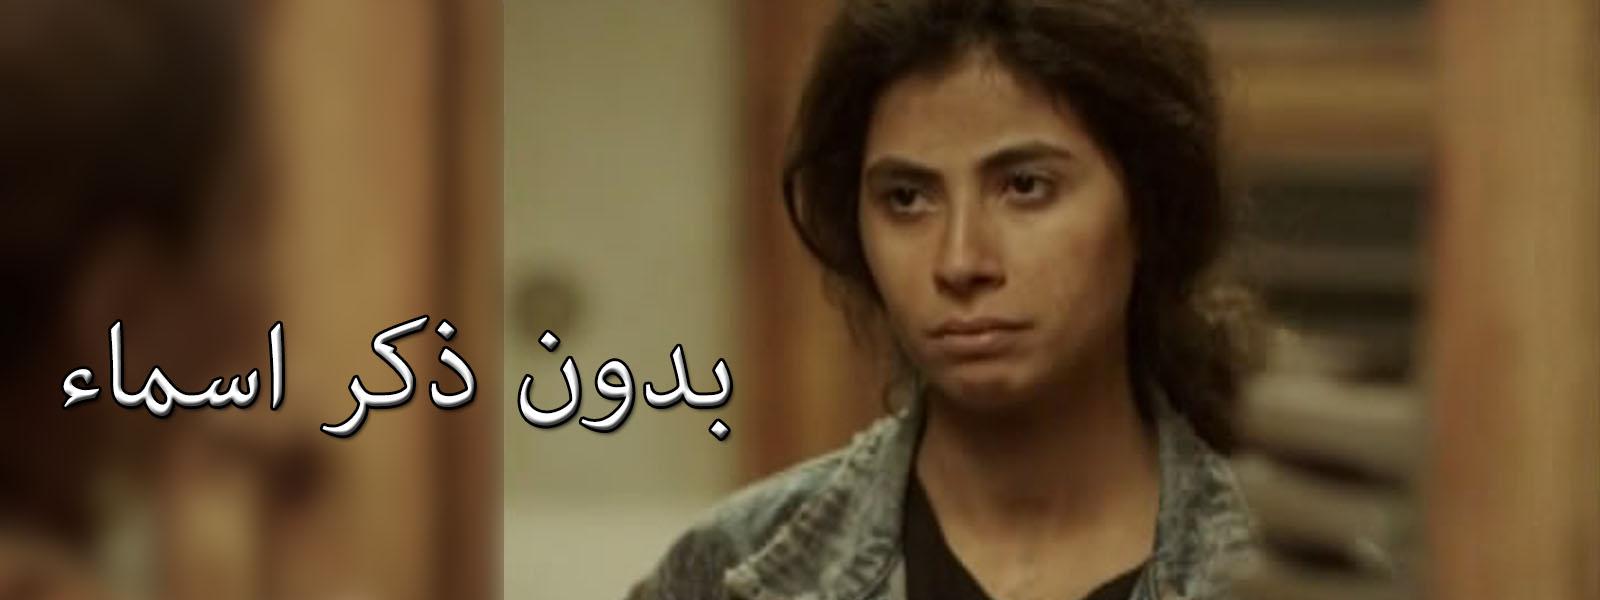 بدون ذكر أسماء (30 جزء) - 2013